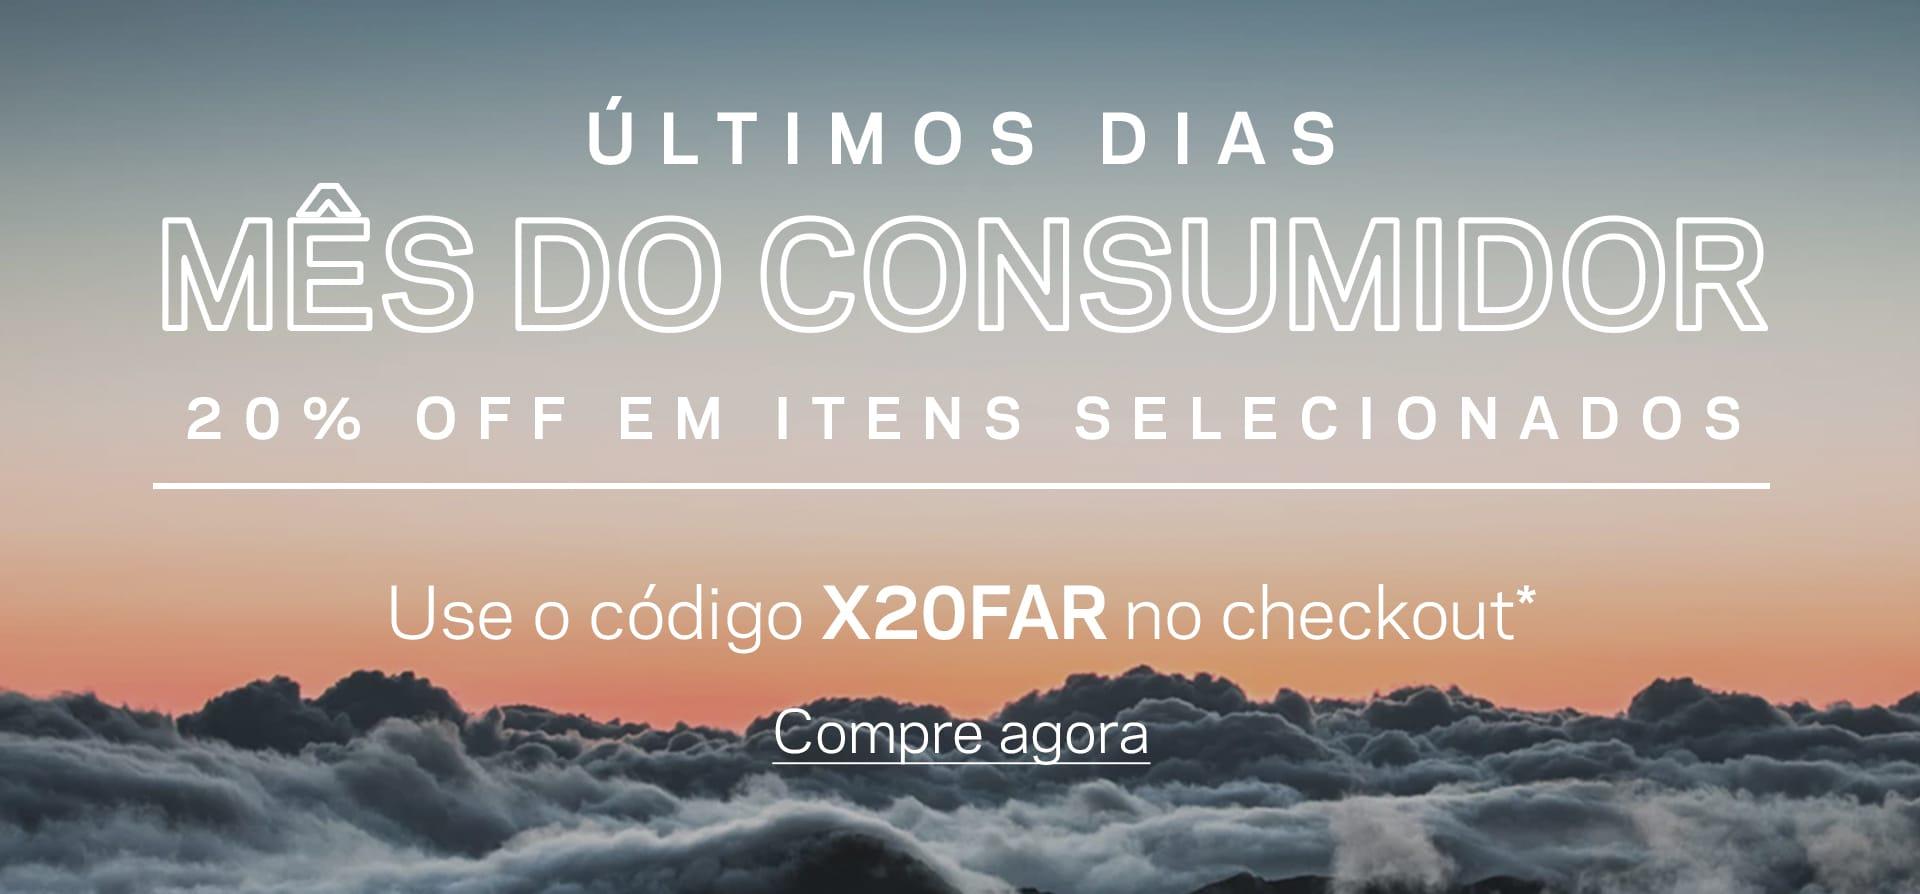 Mês do consumidor. vinte porcento off em itens selecionados. Use o código X20FAR no checkout.